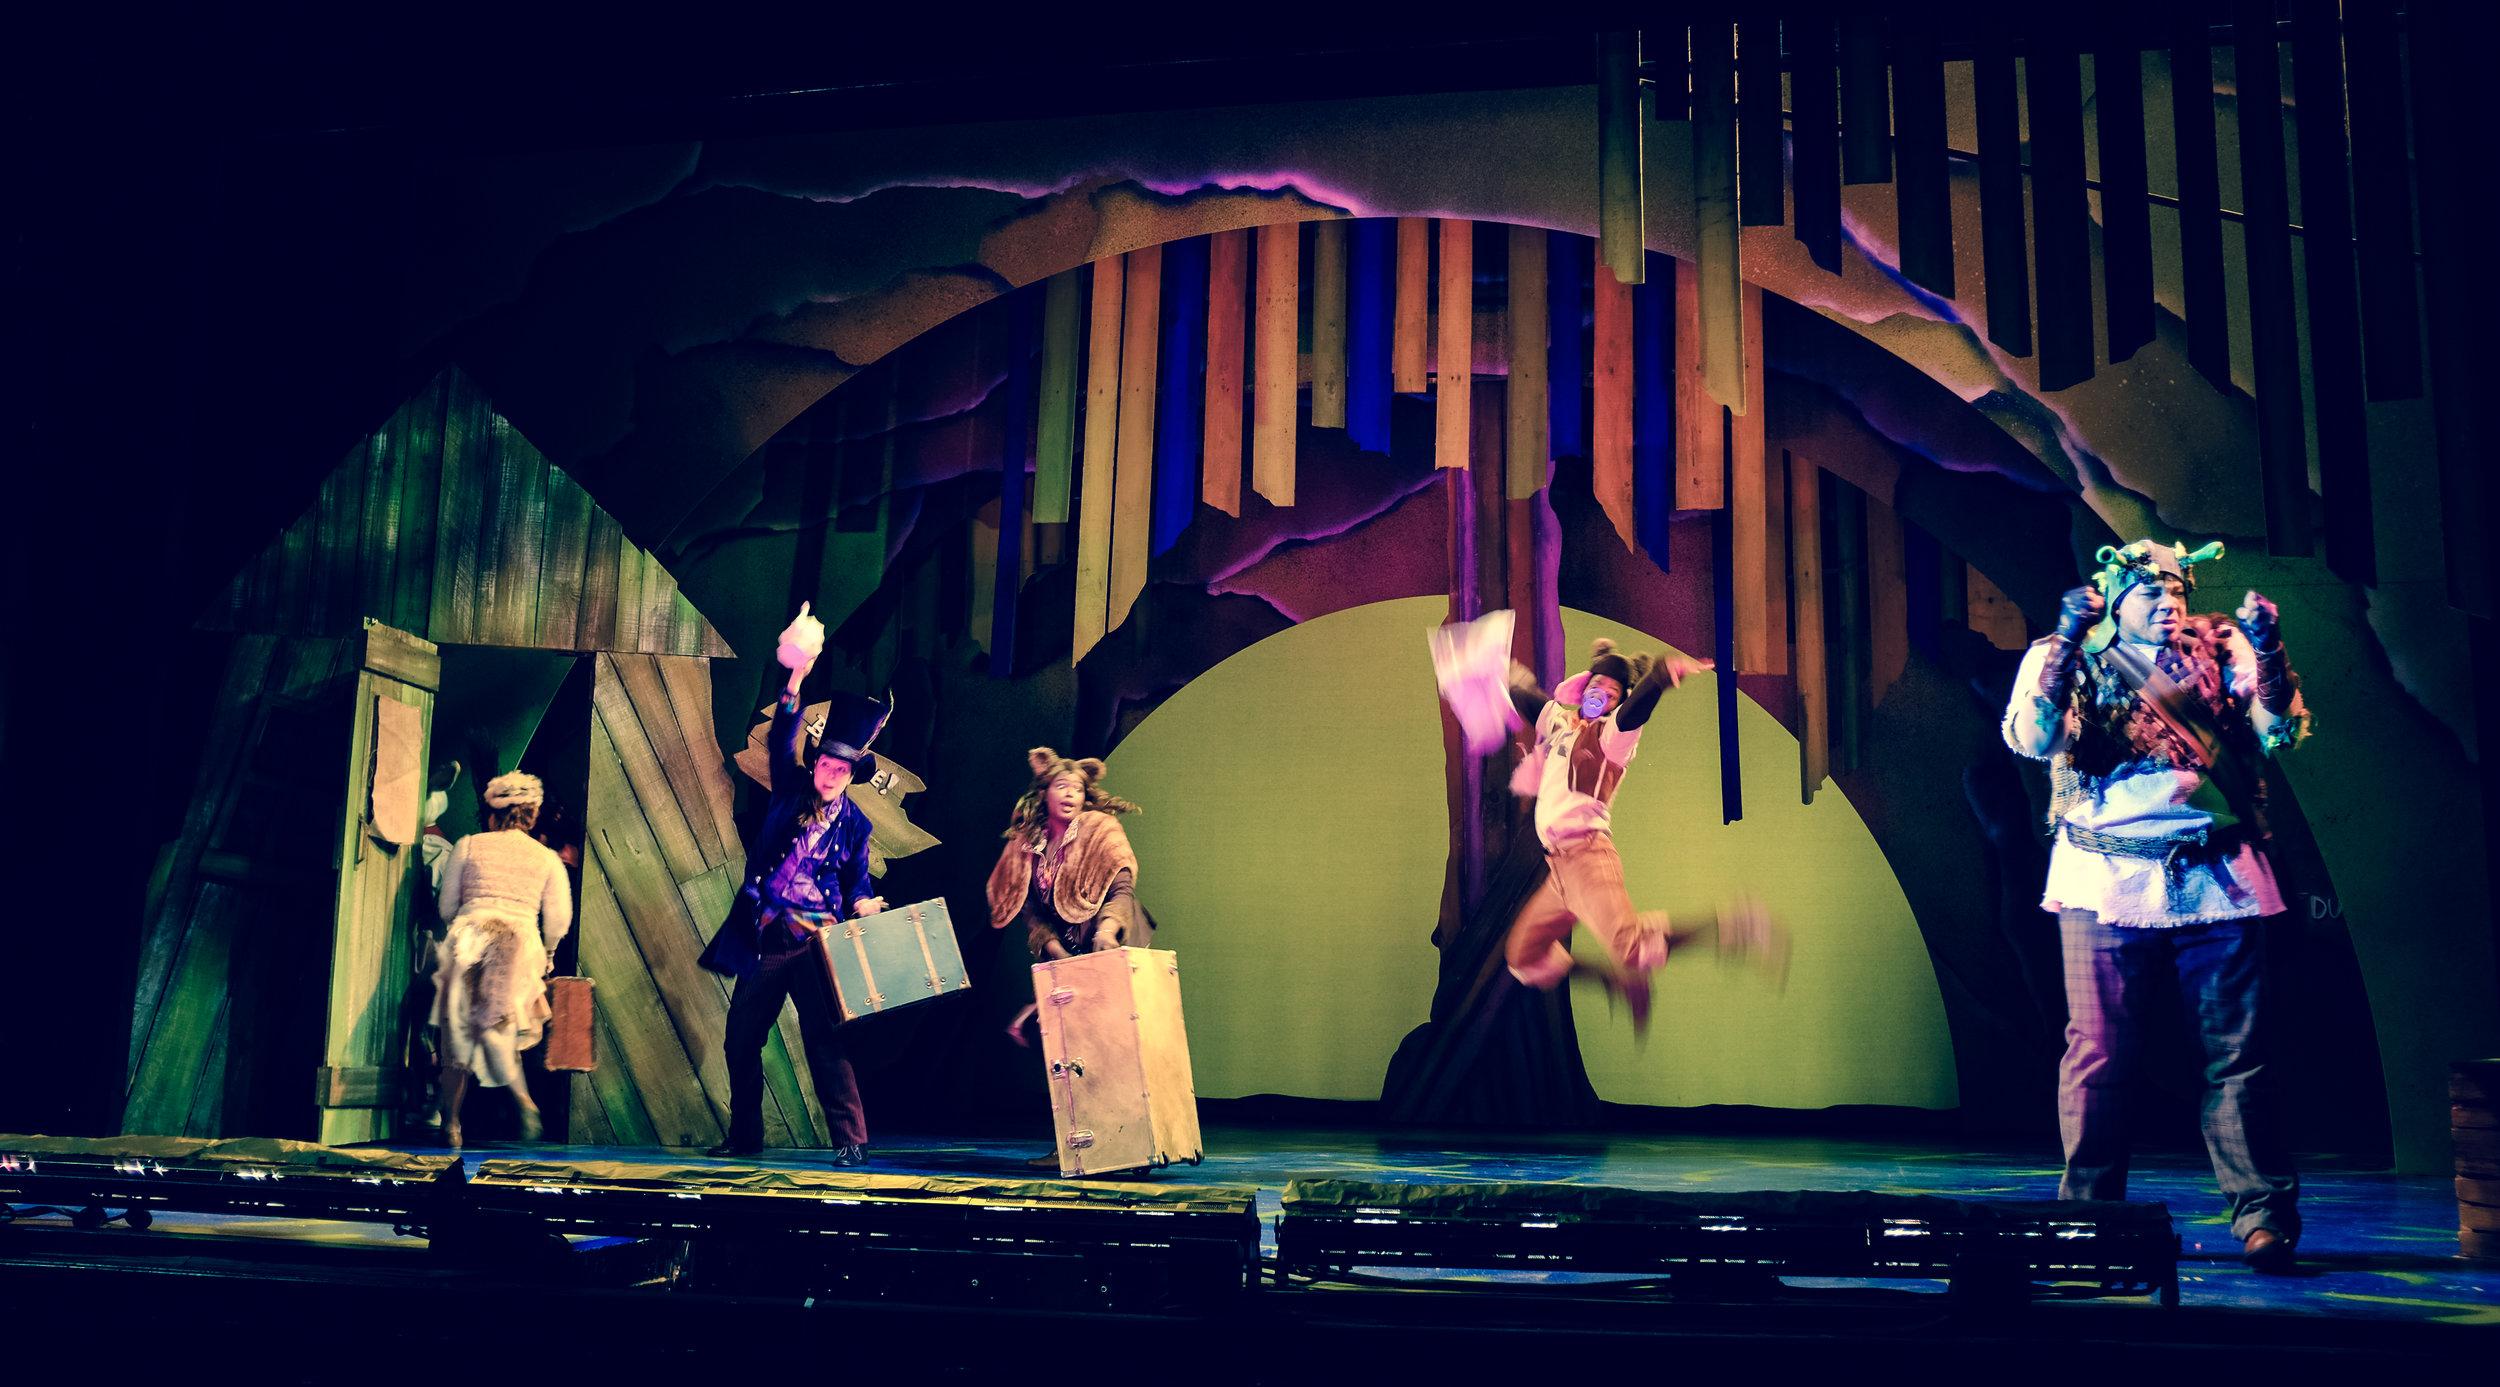 Shrek+the+Musical-4.jpg